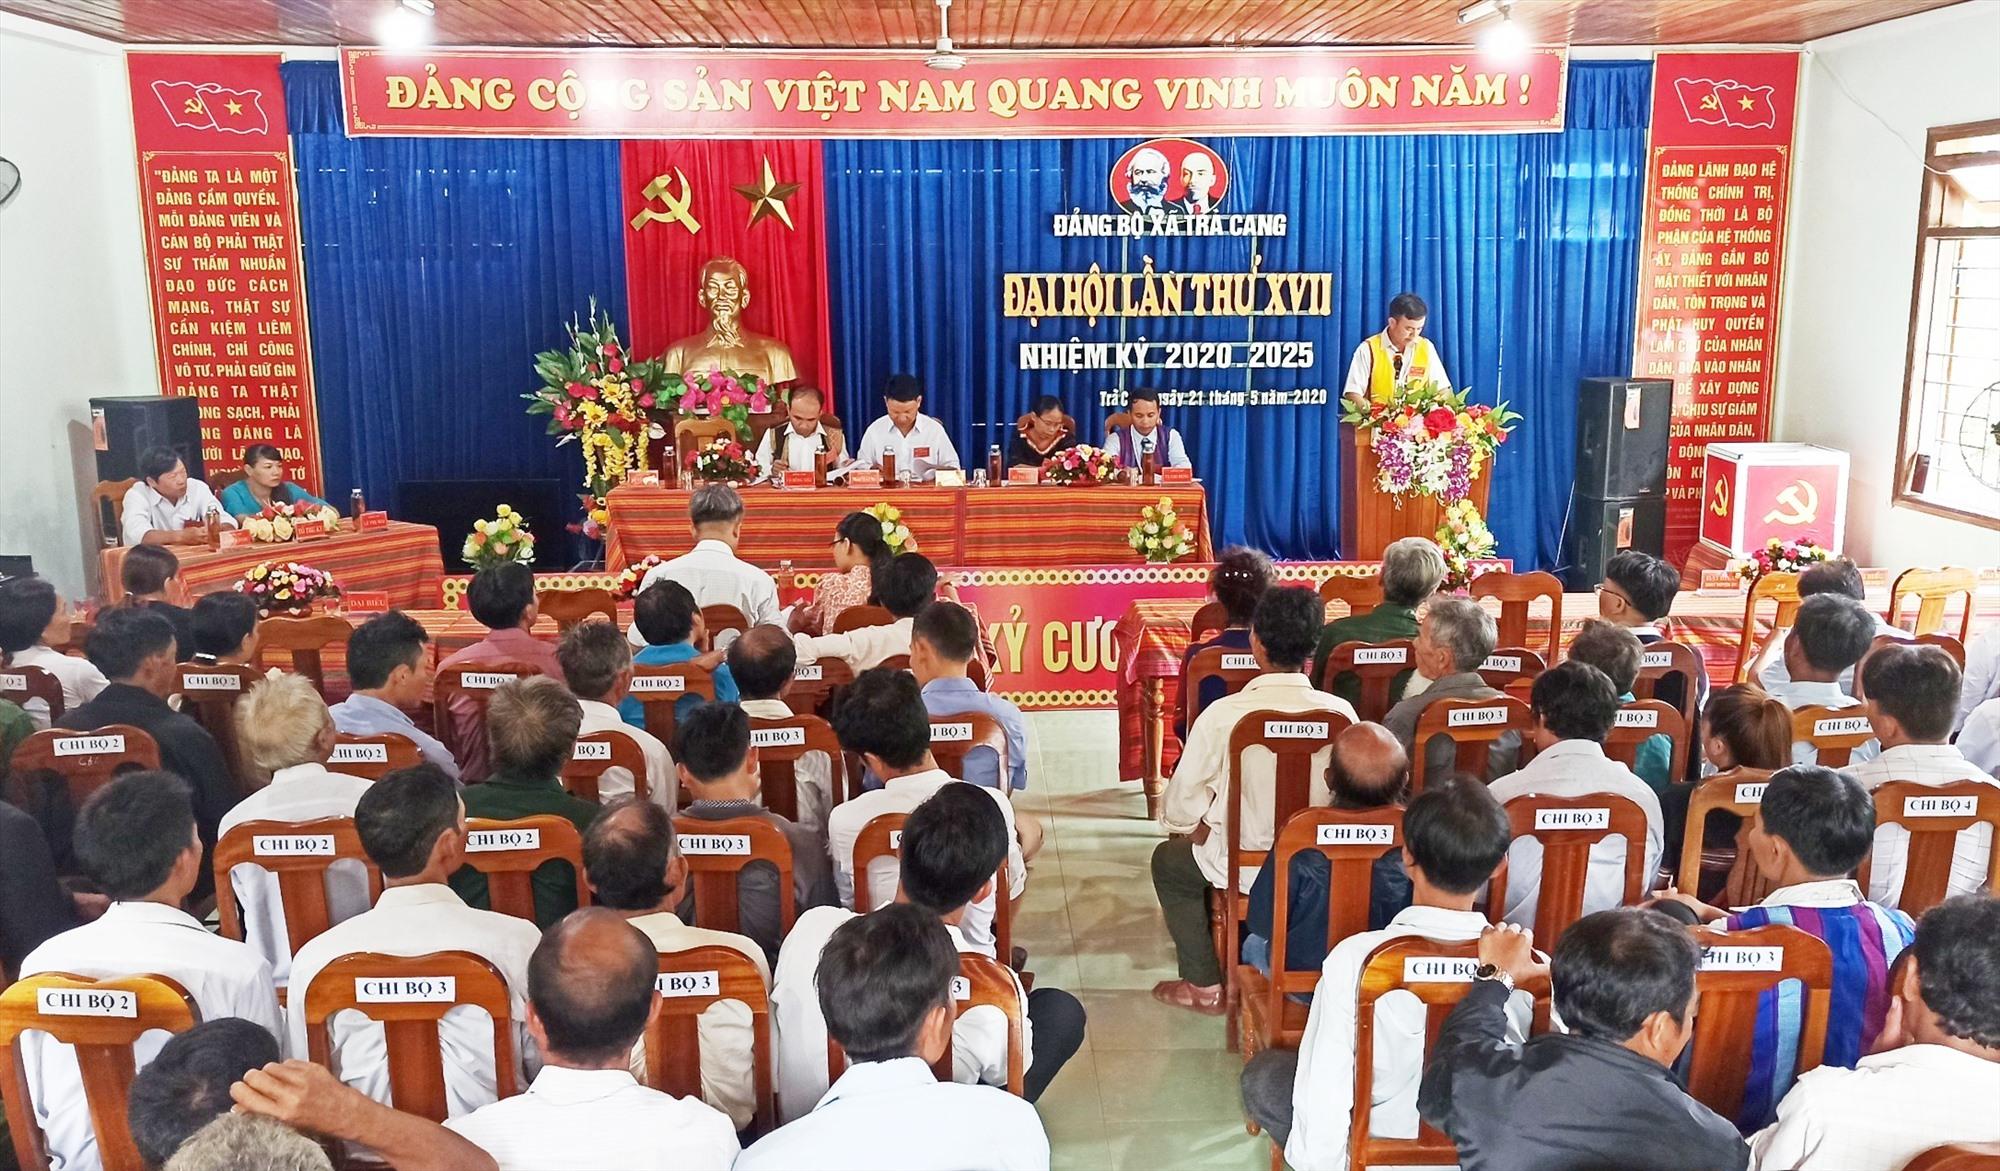 Đảng bộ xã Trà Cang (Nam Trà My) tổ chức Đại hội lần thứ XVII, nhiệm kỳ 2020 - 2025.